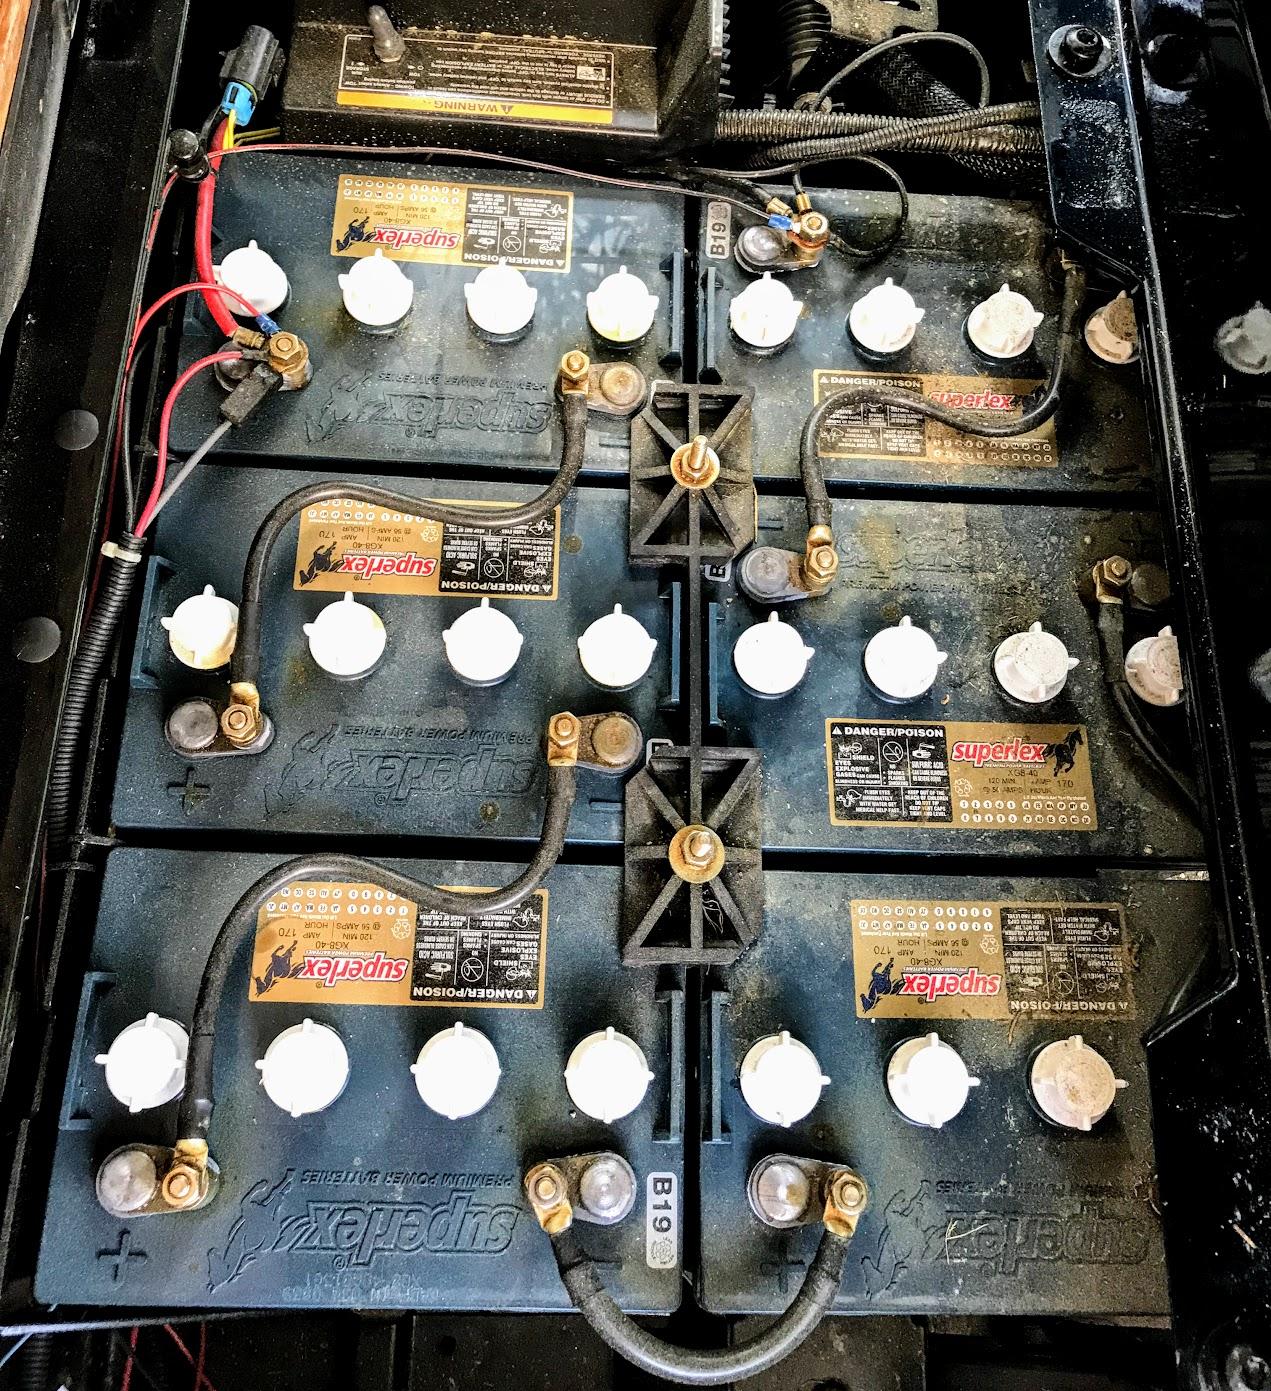 48 Volt Club Car Wiring Diagram On 36 Volt Club Car Battery Wiring